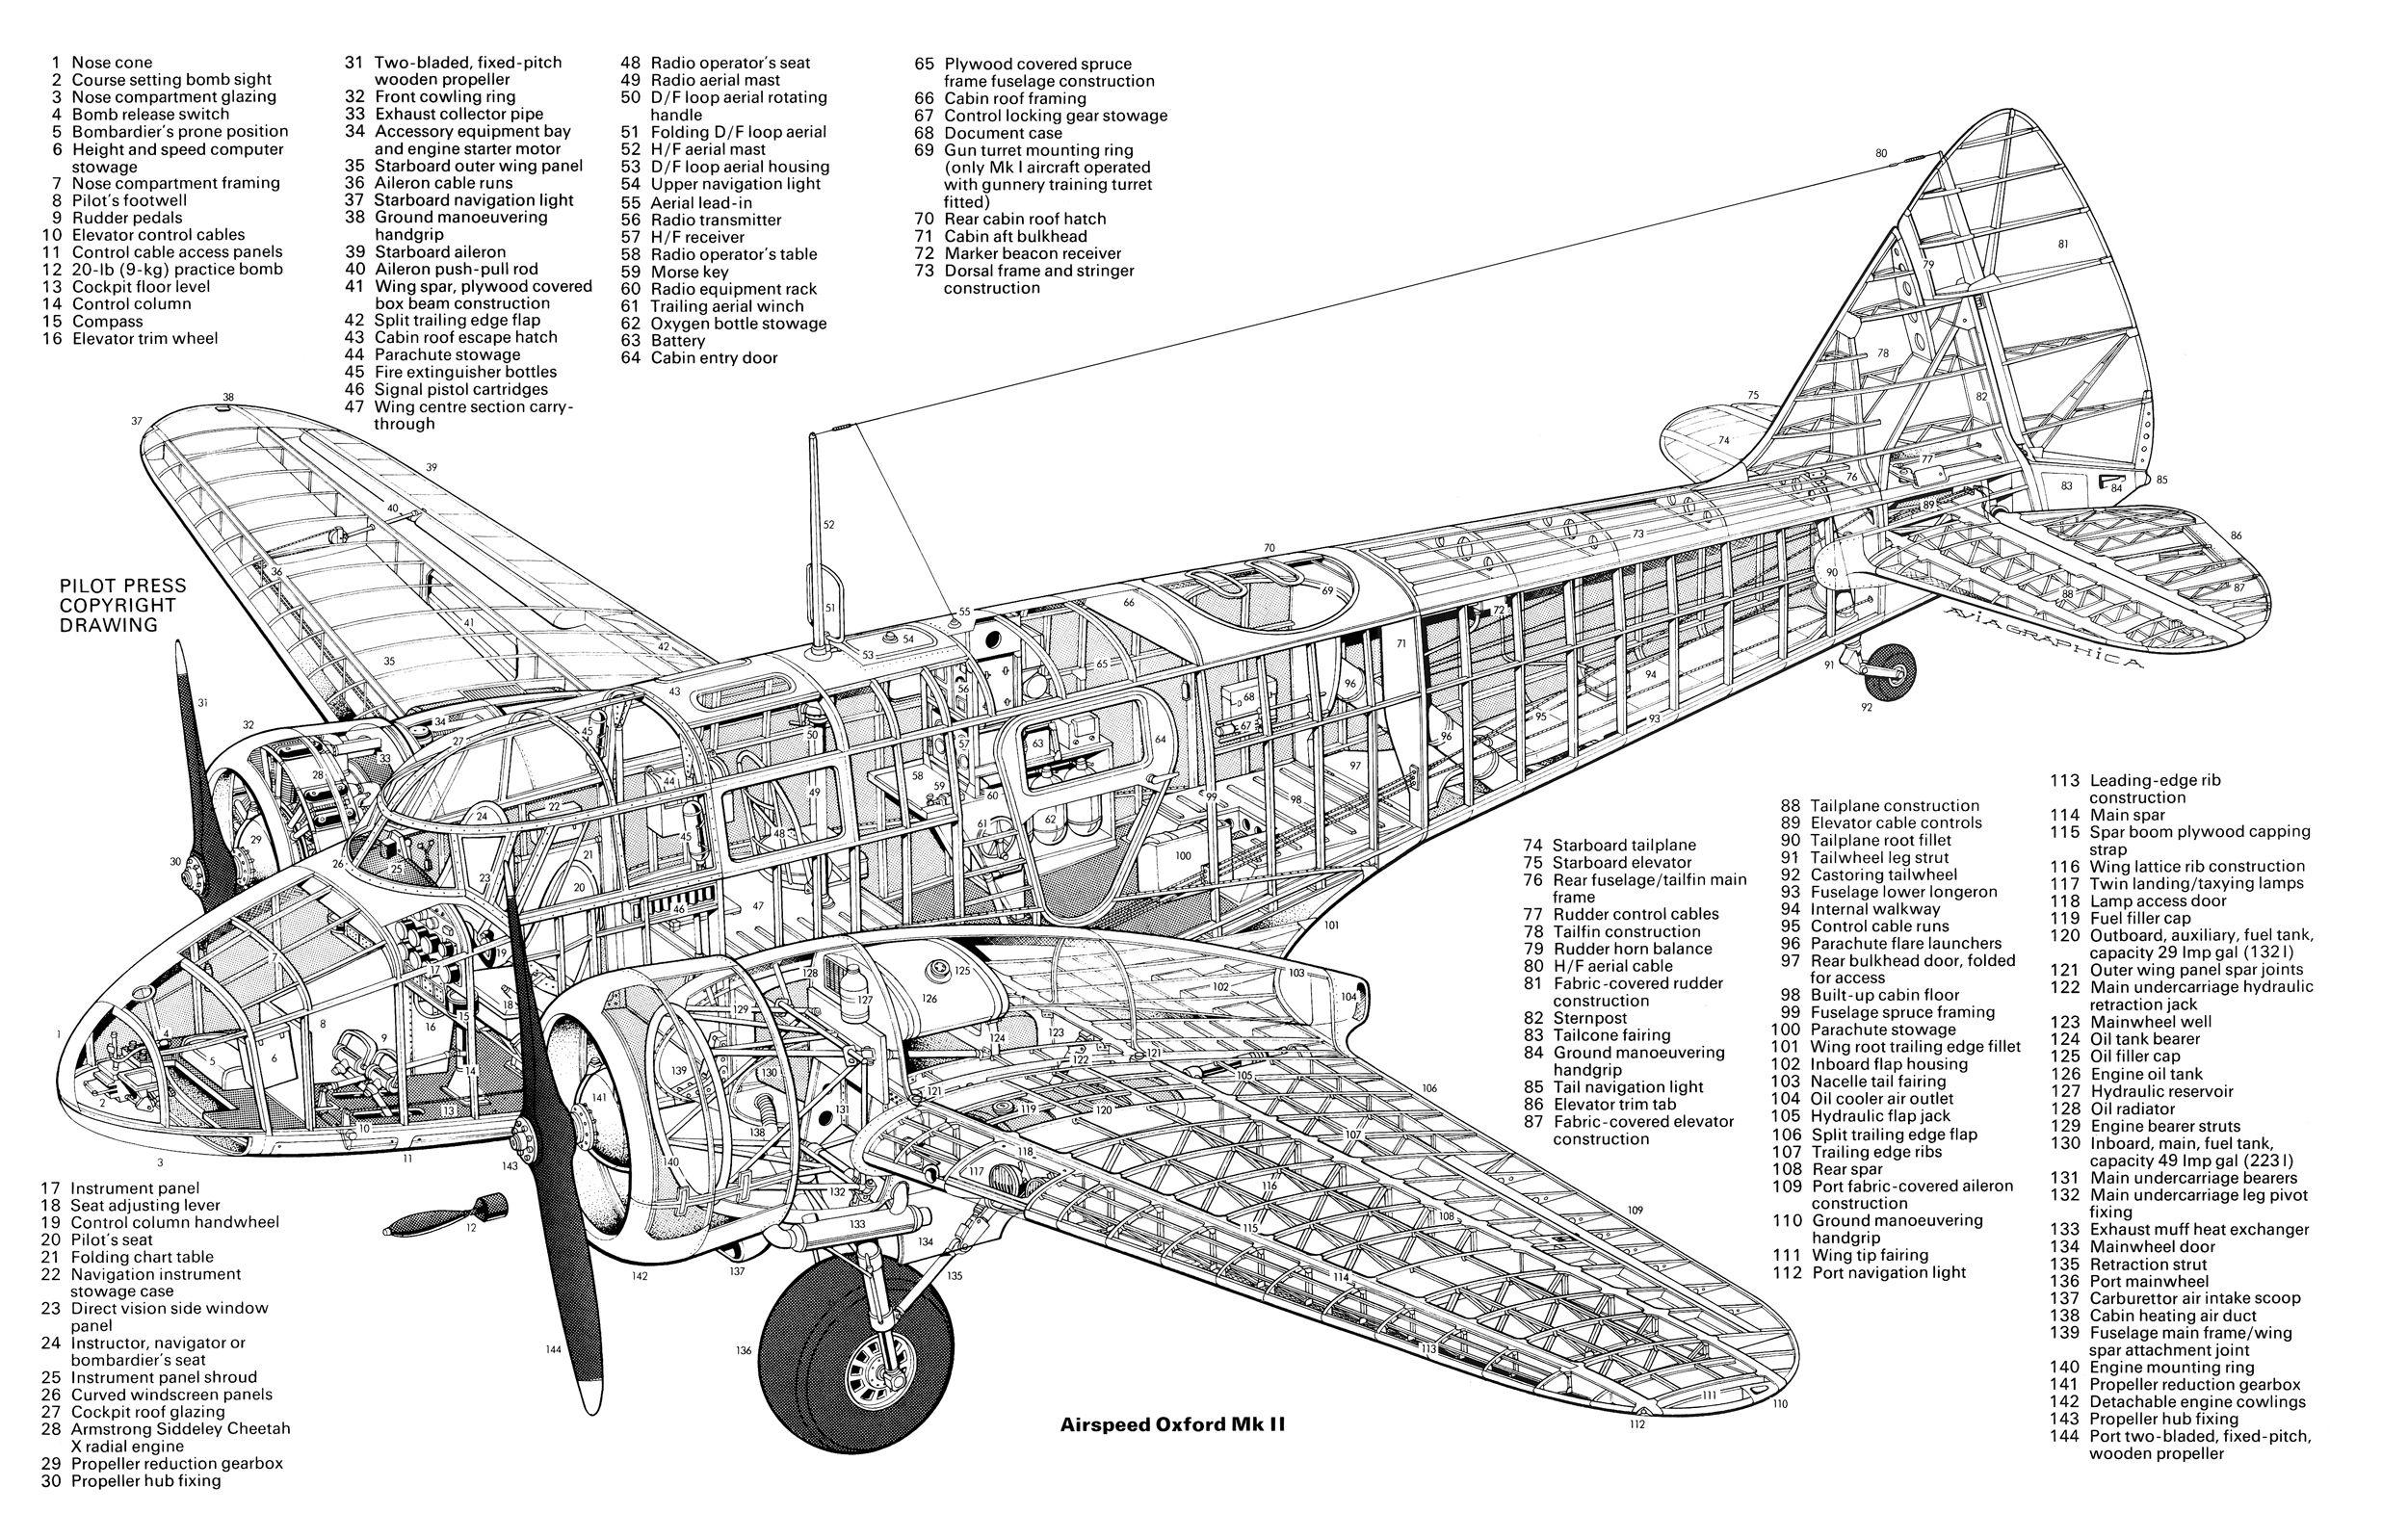 Pin By Koray Ipek On Modeller In T Supermarine